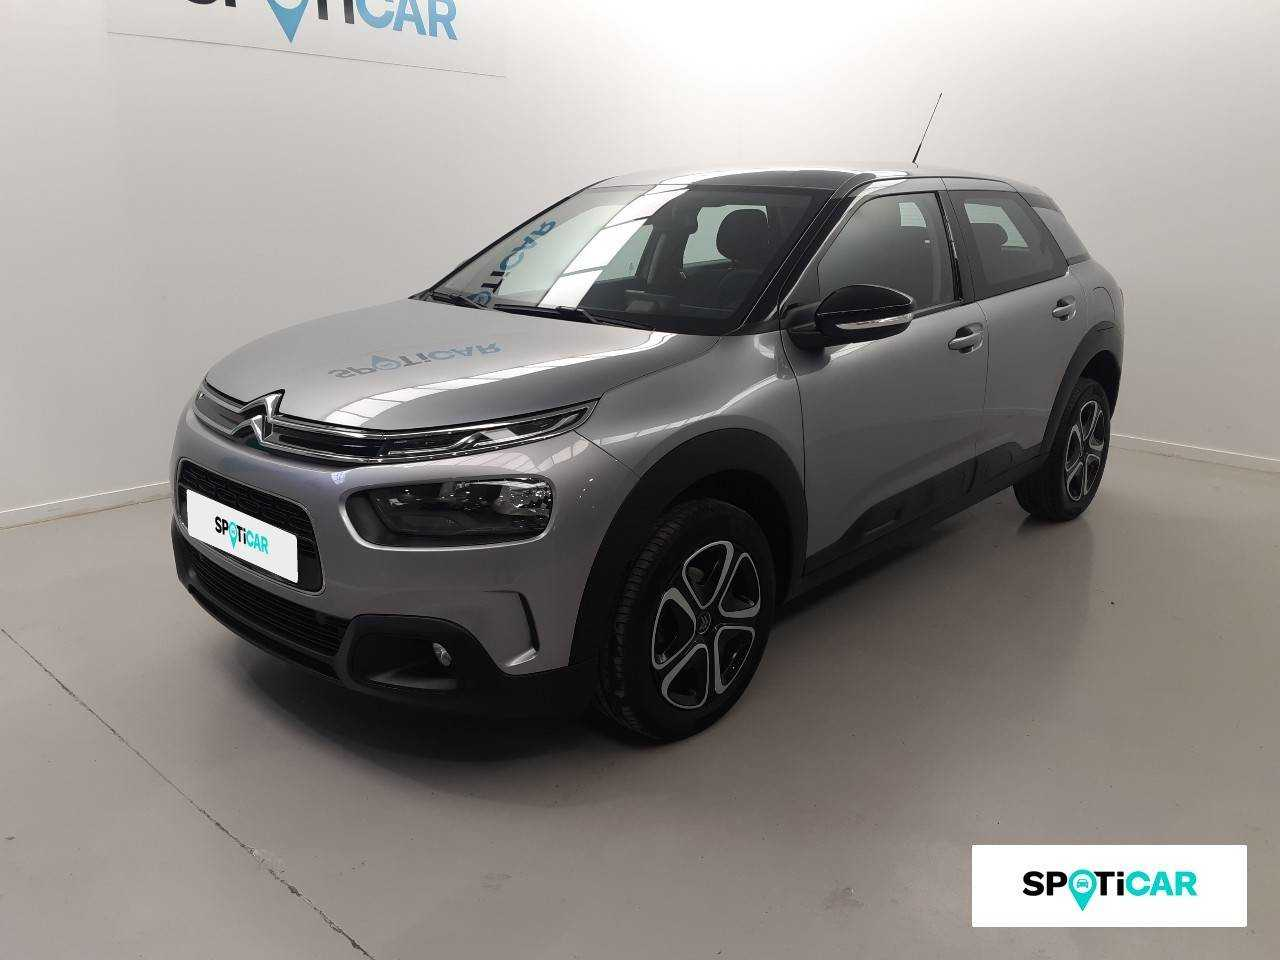 Citroën C4 Cactus ocasión segunda mano 2020 Diésel por 16.200€ en Valencia